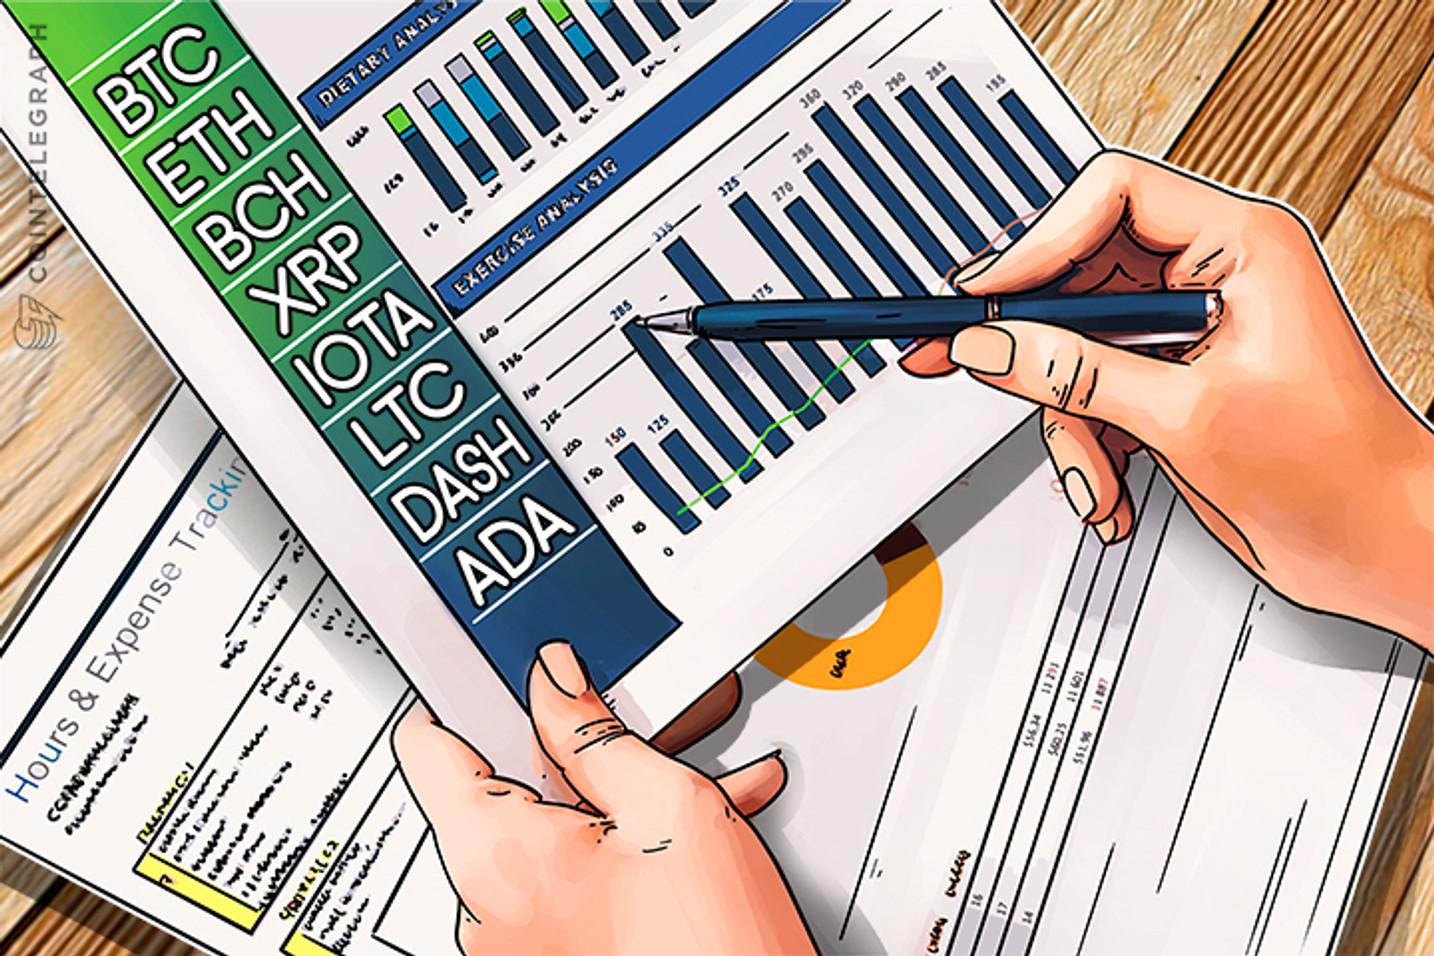 18年1月2日チャート分析・ビットコイン、イーサ、リップル、ビットコインキャッシュ、IOTA、ライトコイン、ダッシュ、カルダノ